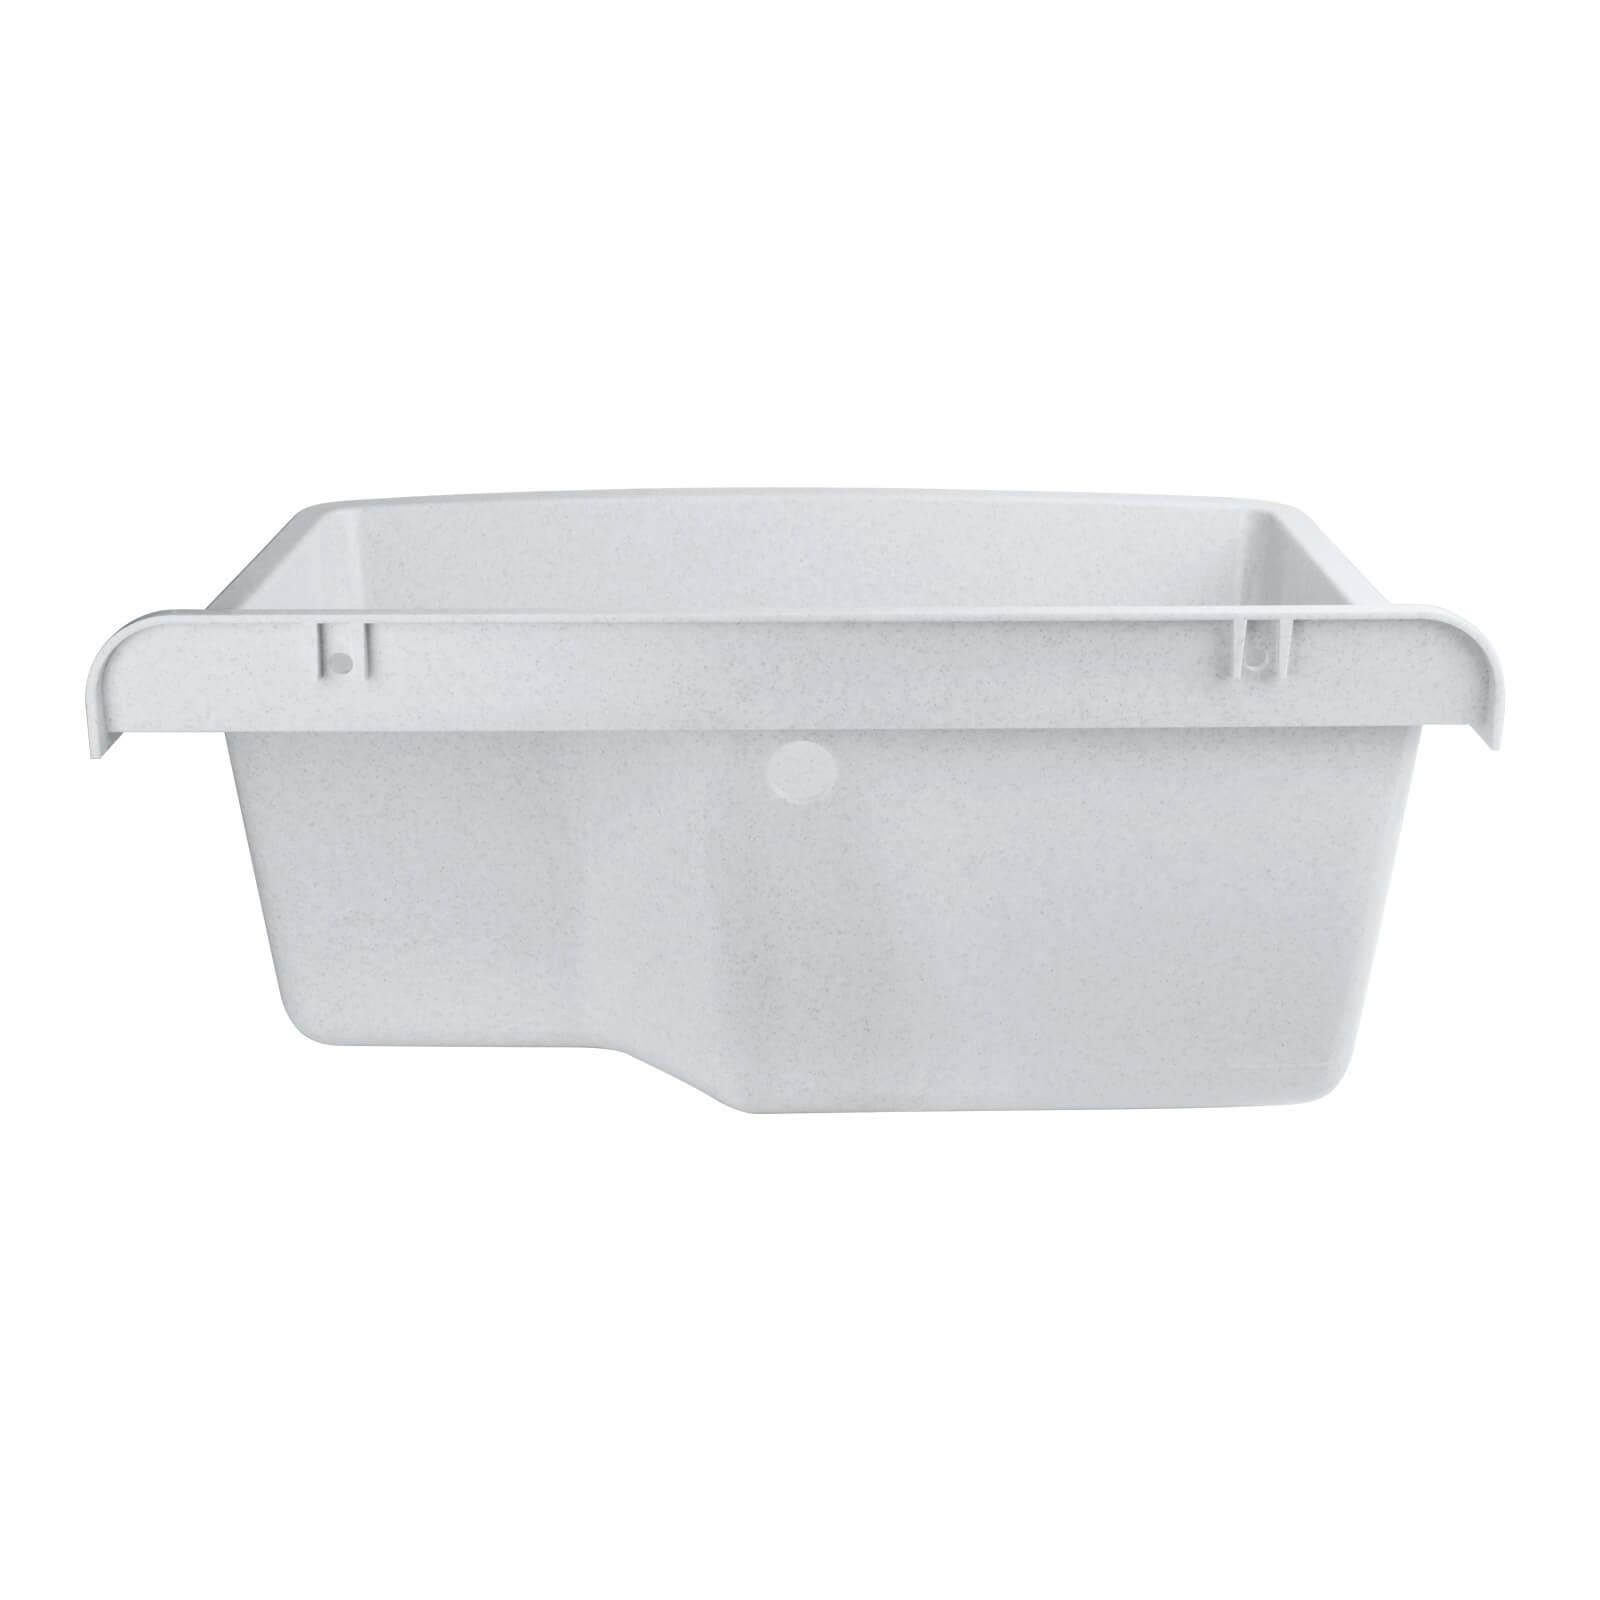 Kunststoff ausgussbecken 61x44x23 cm maximus 40l gro xxl for Kunststoff waschbecken